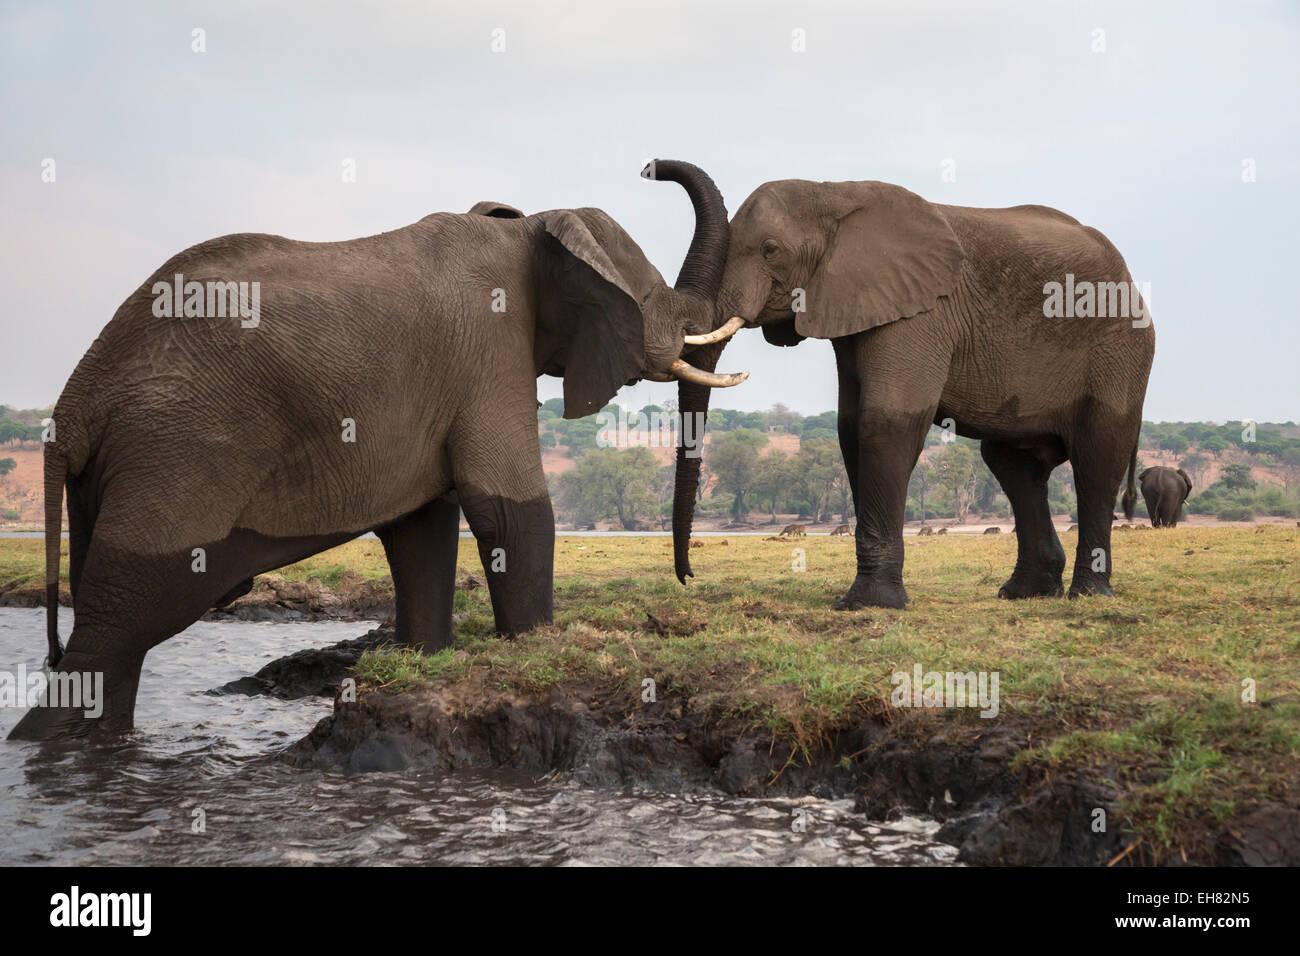 El elefante africano (Loxodonta africana), el Parque Nacional Chobe, Botswana, África Imagen De Stock